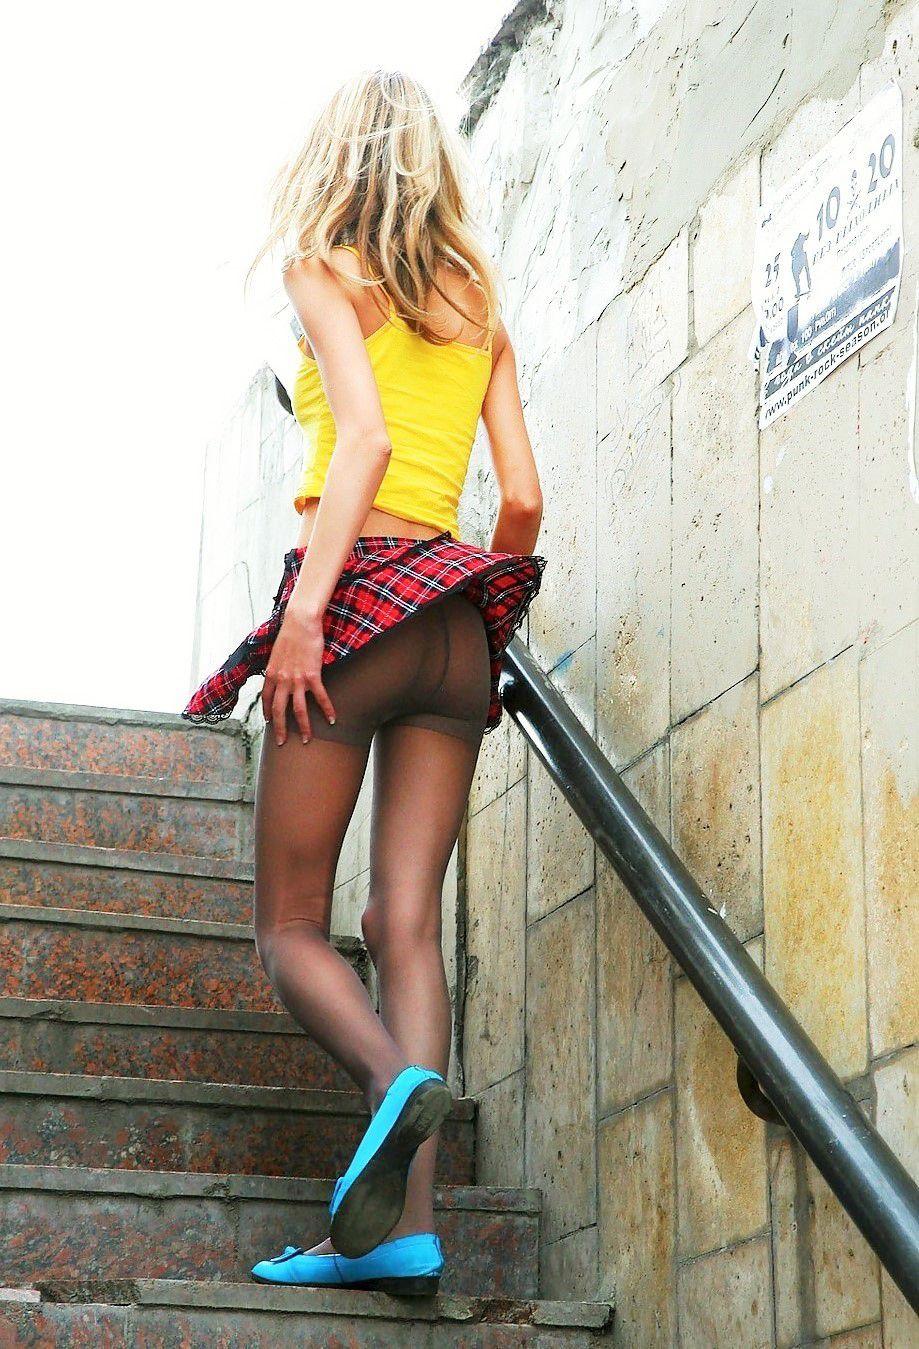 【パンチラエロ画像】風のイタズラも華麗に流す外人さんの風チラ(;^ω^)